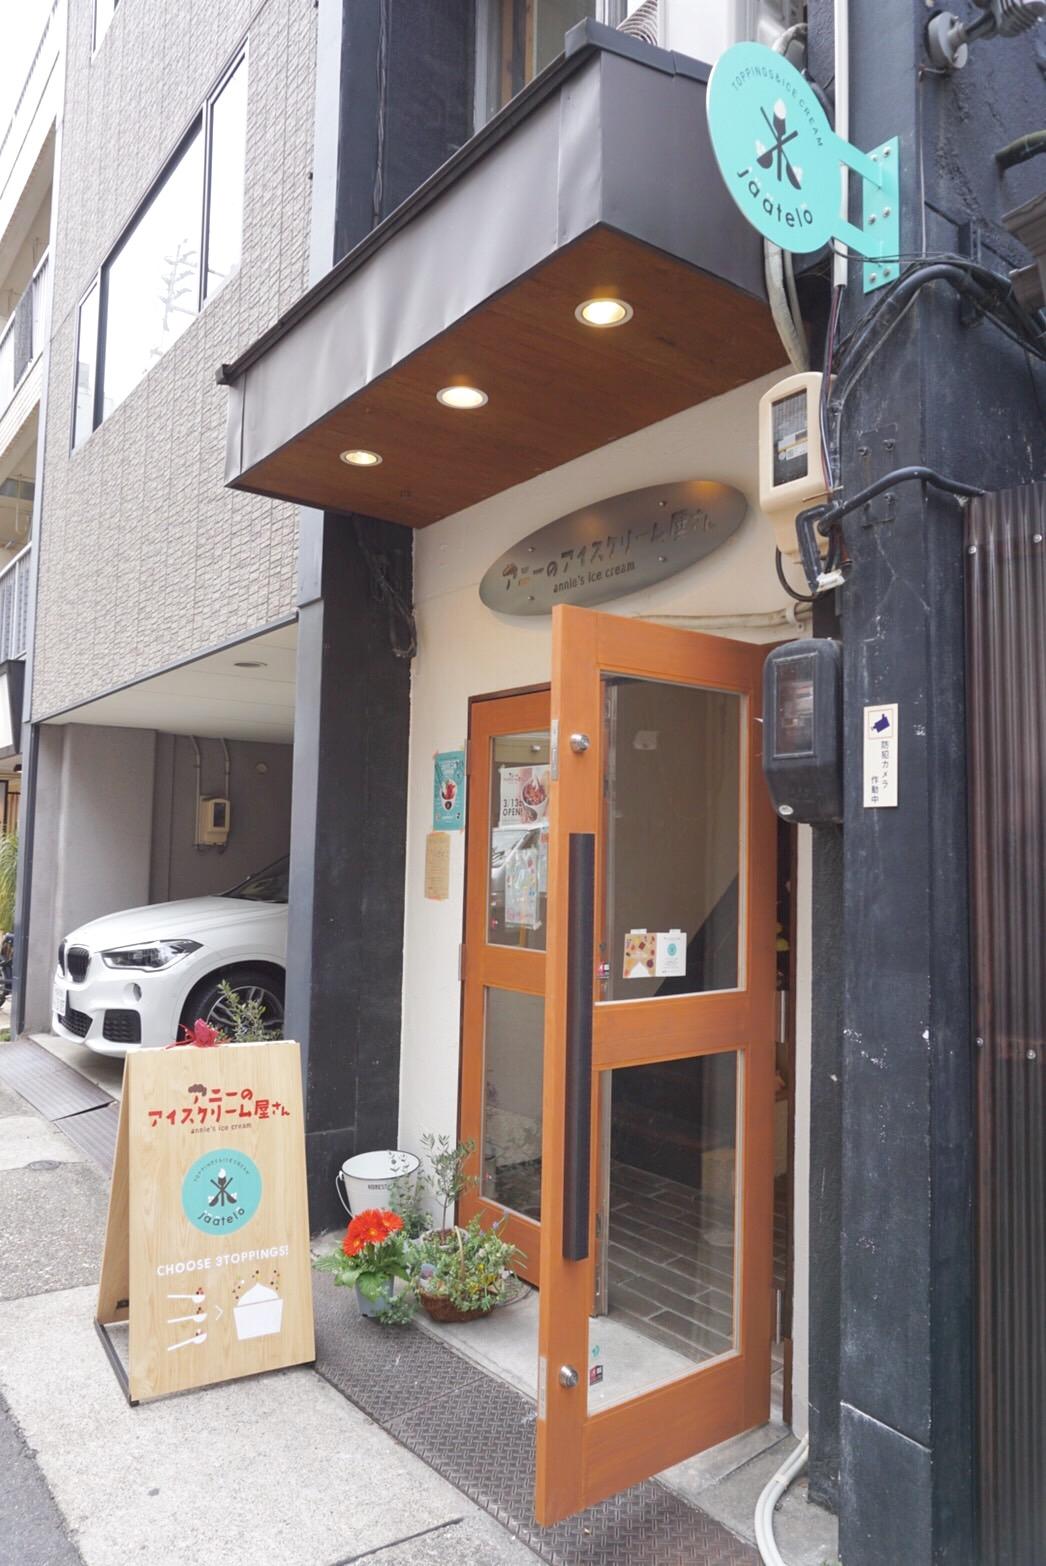 合言葉は「ヤーテロ!」。大須の新店『アニーのアイスクリーム屋さん』に行ってきた - FullSizeRender